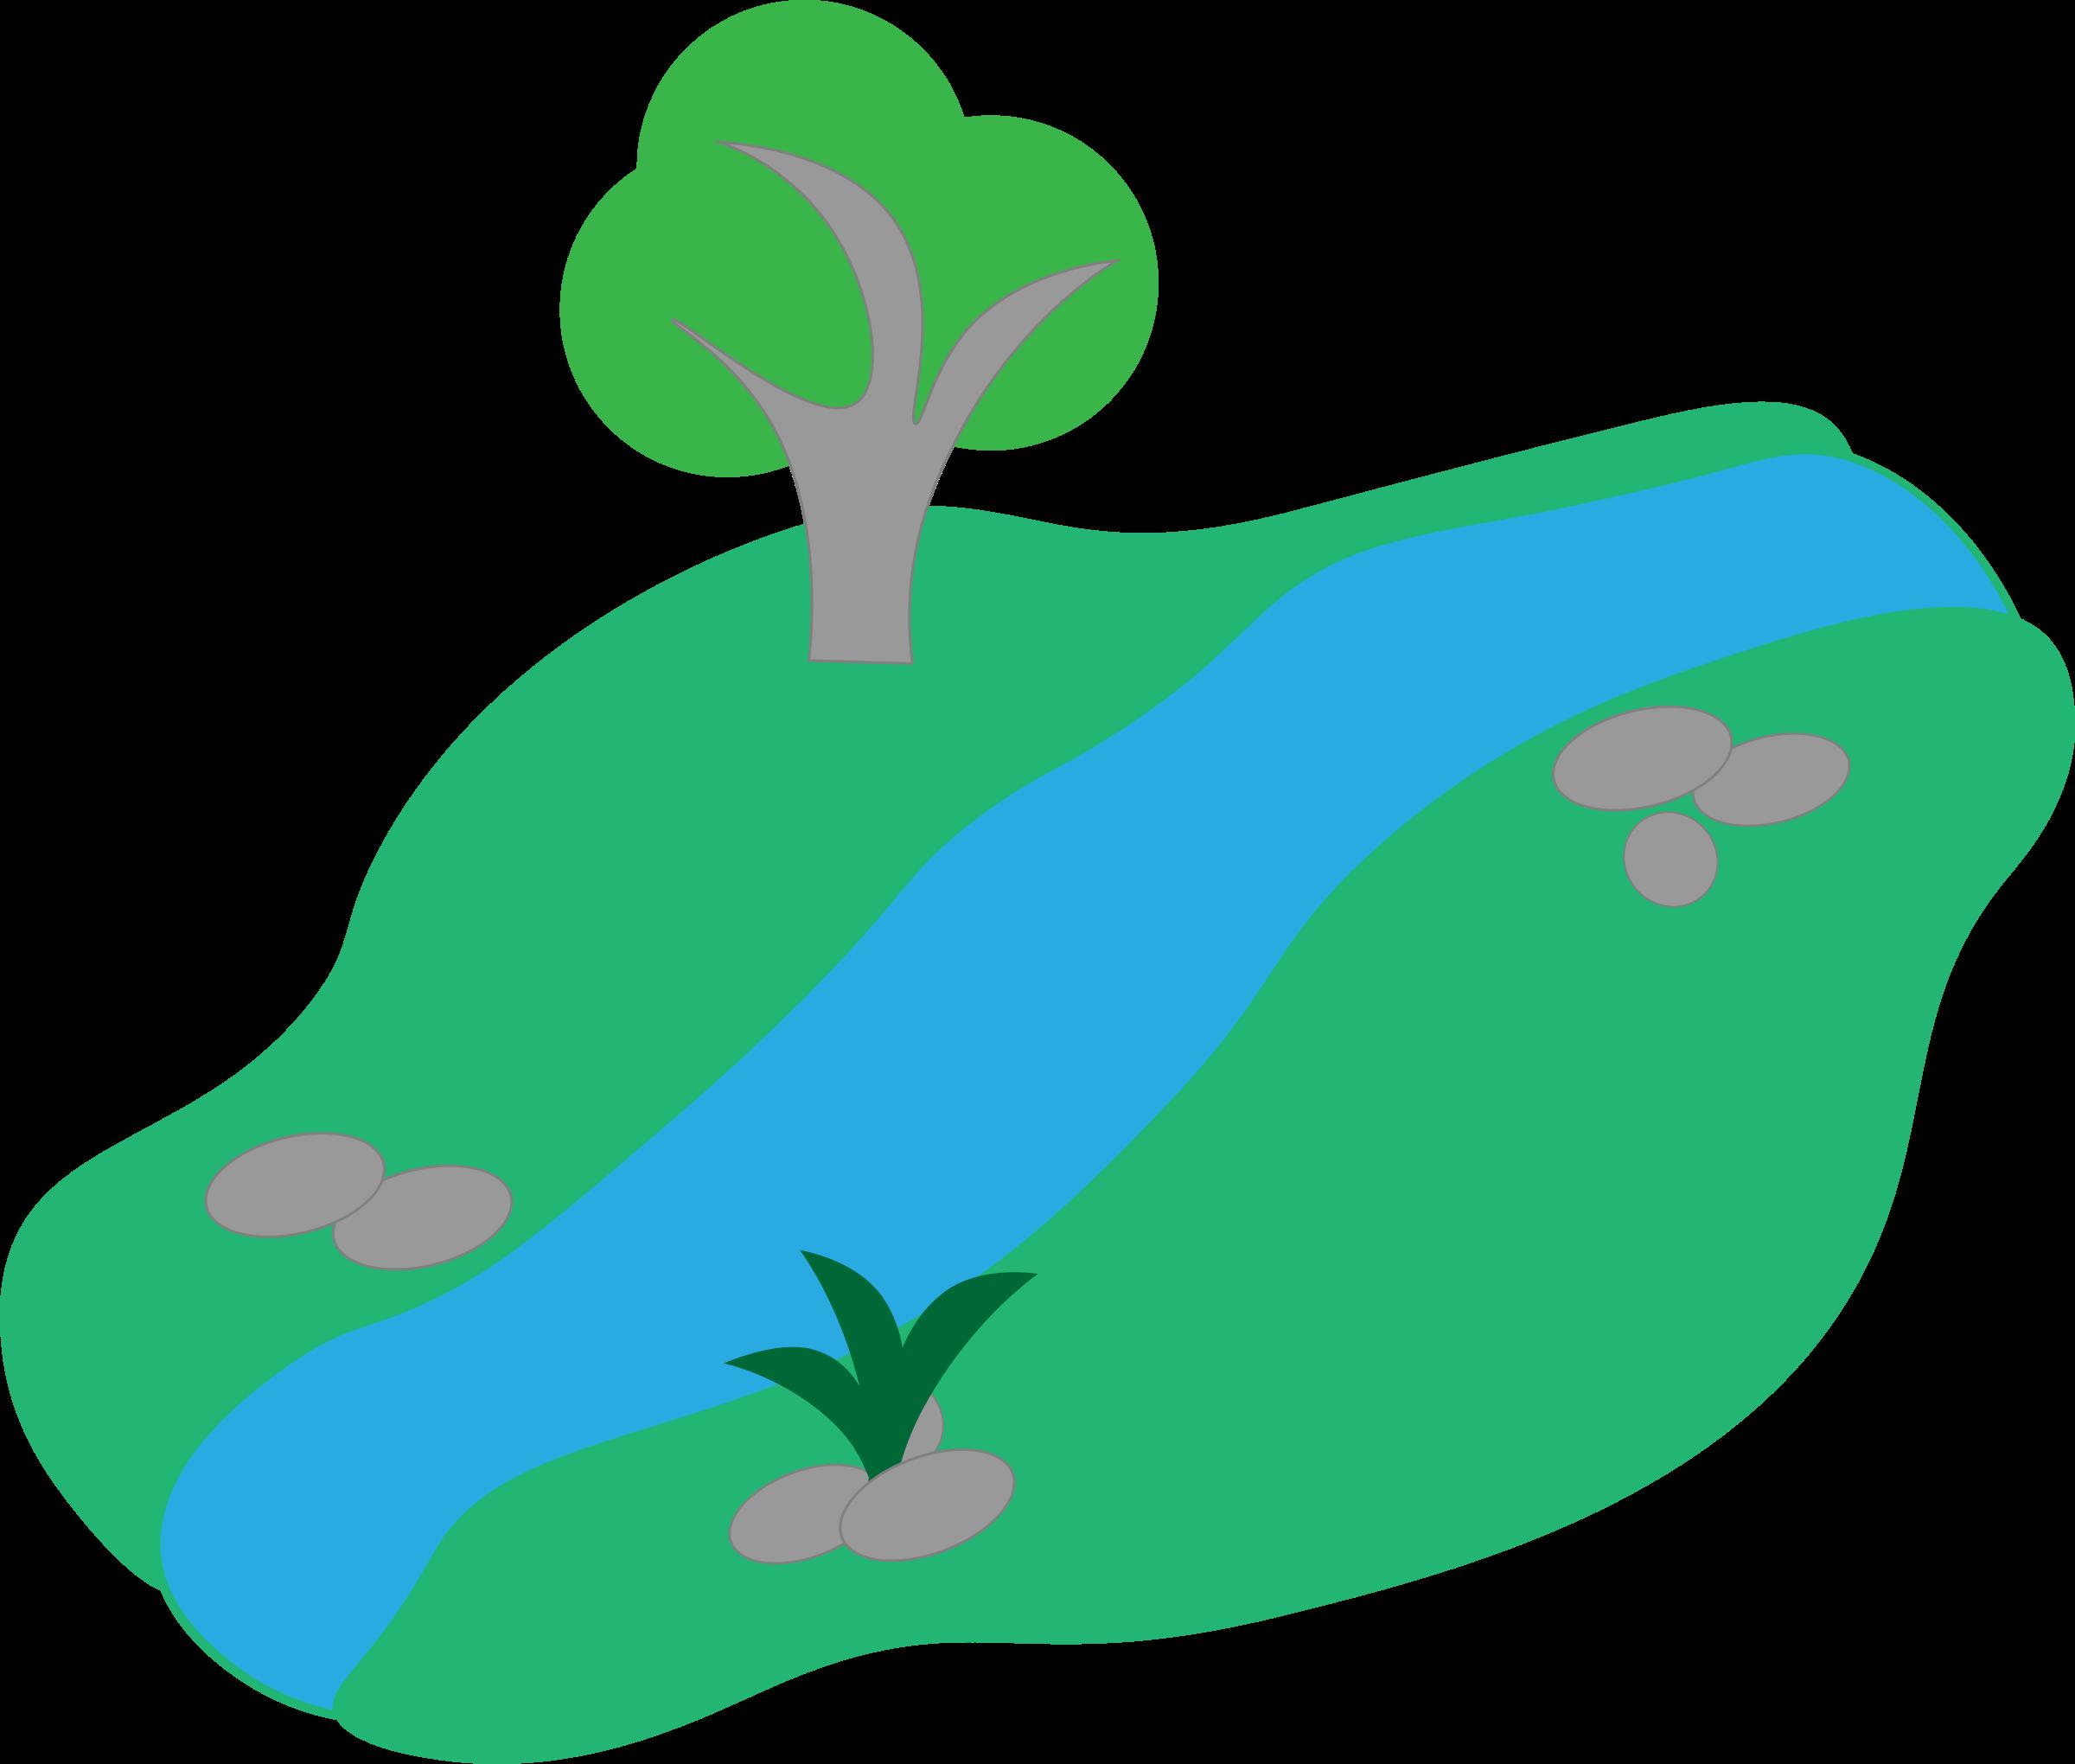 Field greenery